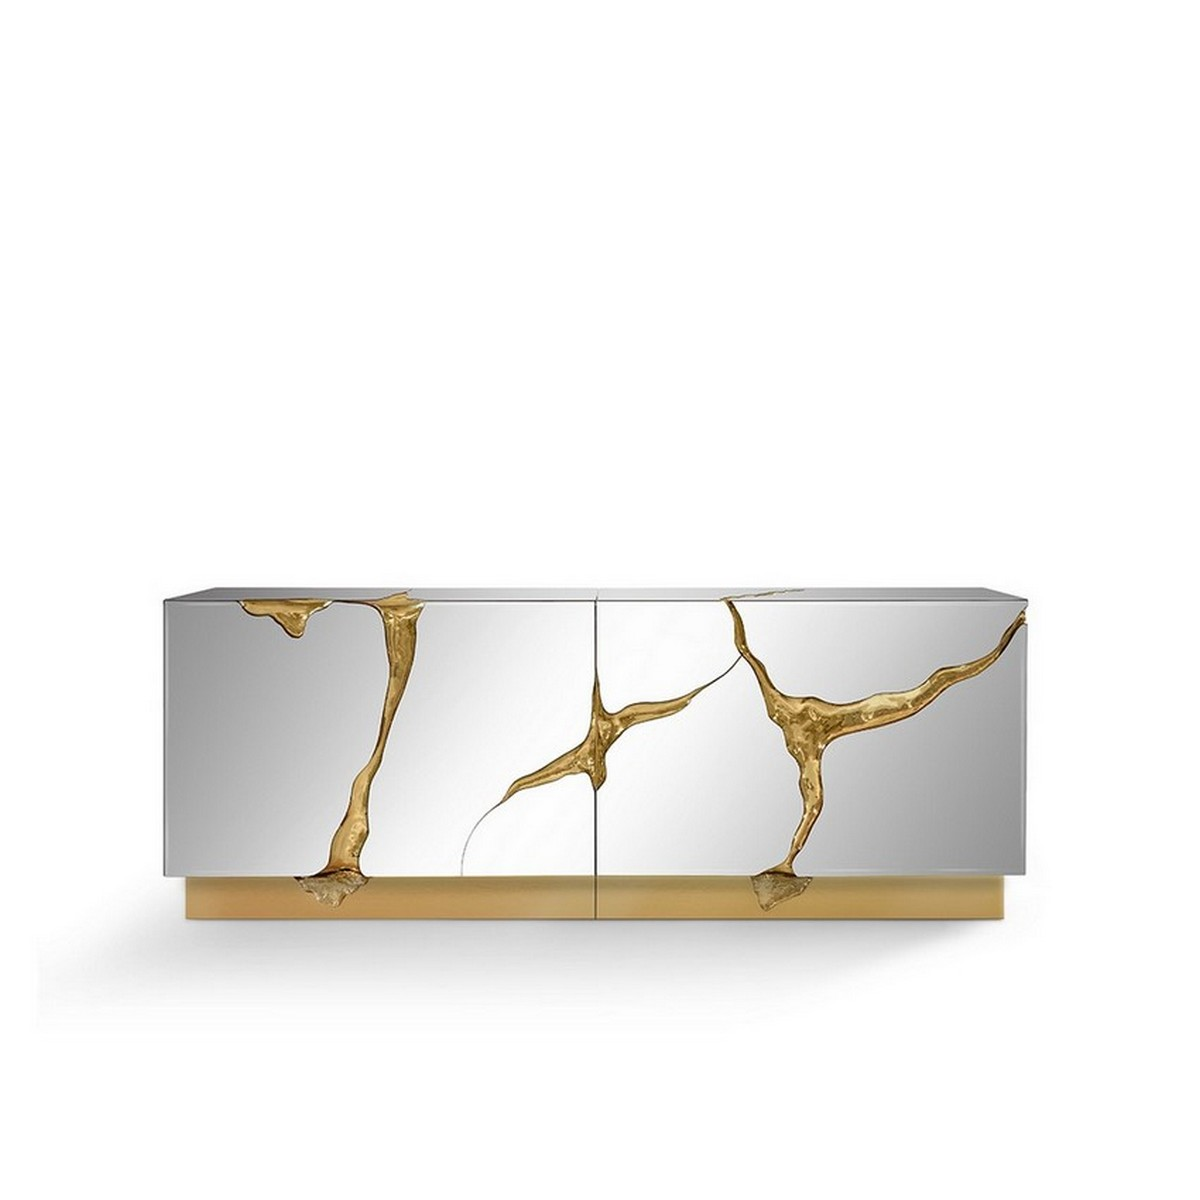 Aparadores lujuosos: Piezas elegantes para un proyecto exclusivo aparadores lujuosos Aparadores lujuosos: Piezas elegantes para un proyecto exclusivo lapiaz